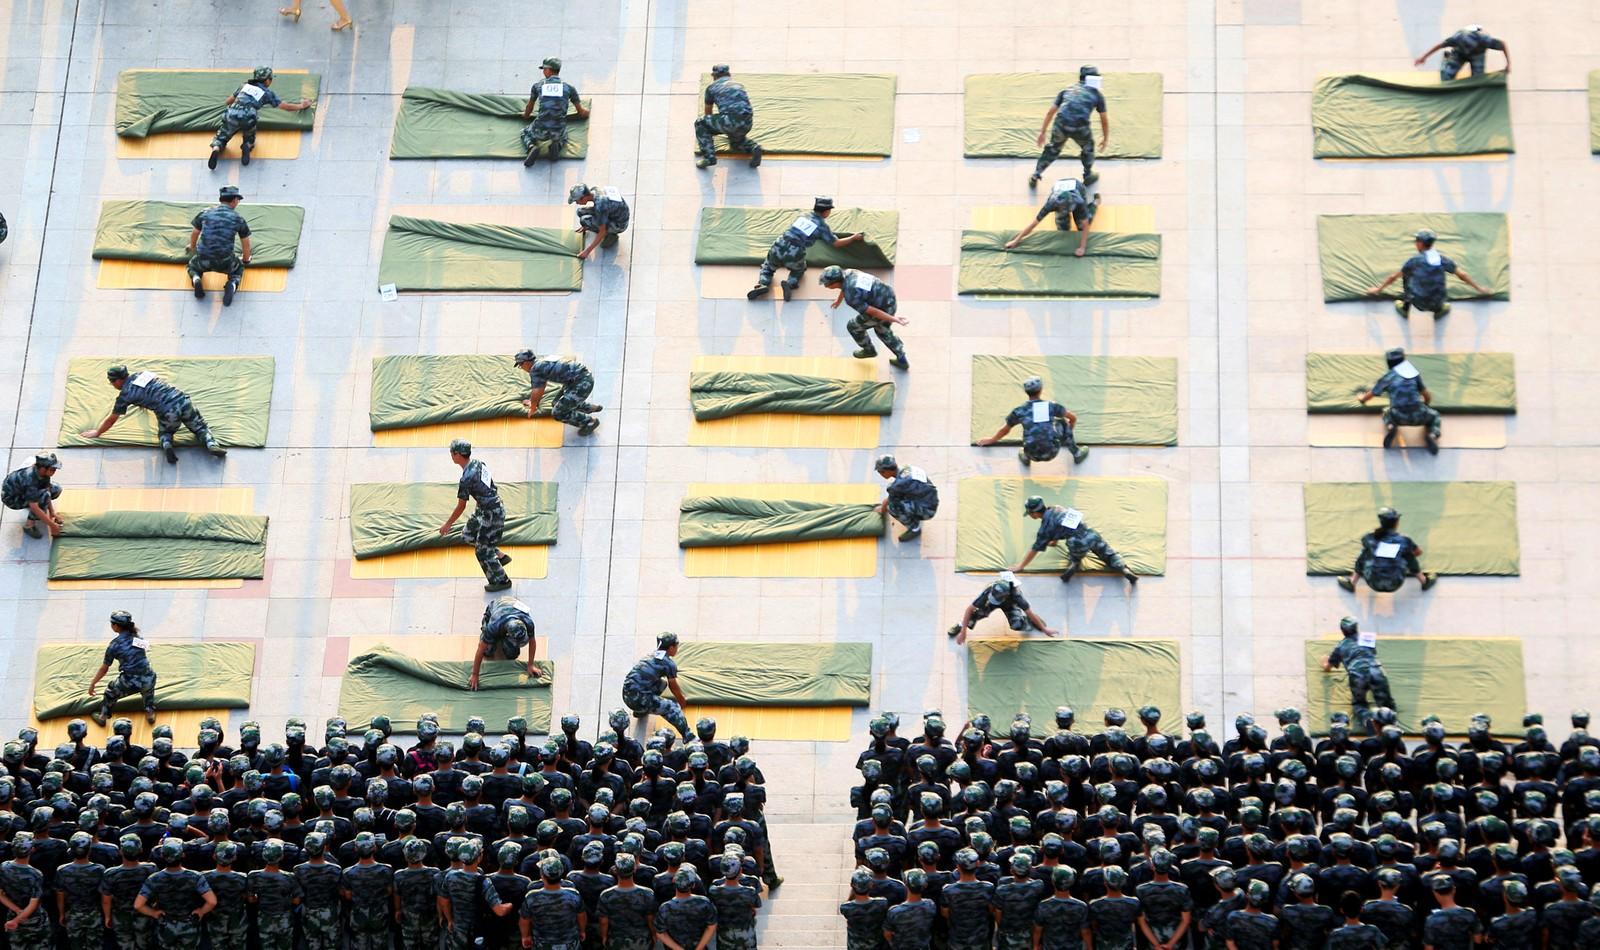 Universitetsstudenter konkurrerer om hvem som er raskest til å brette sengetepper under en militær treningsøvelse ved begynnelsen av semesteret i Hengyang i Kina den 8. september.